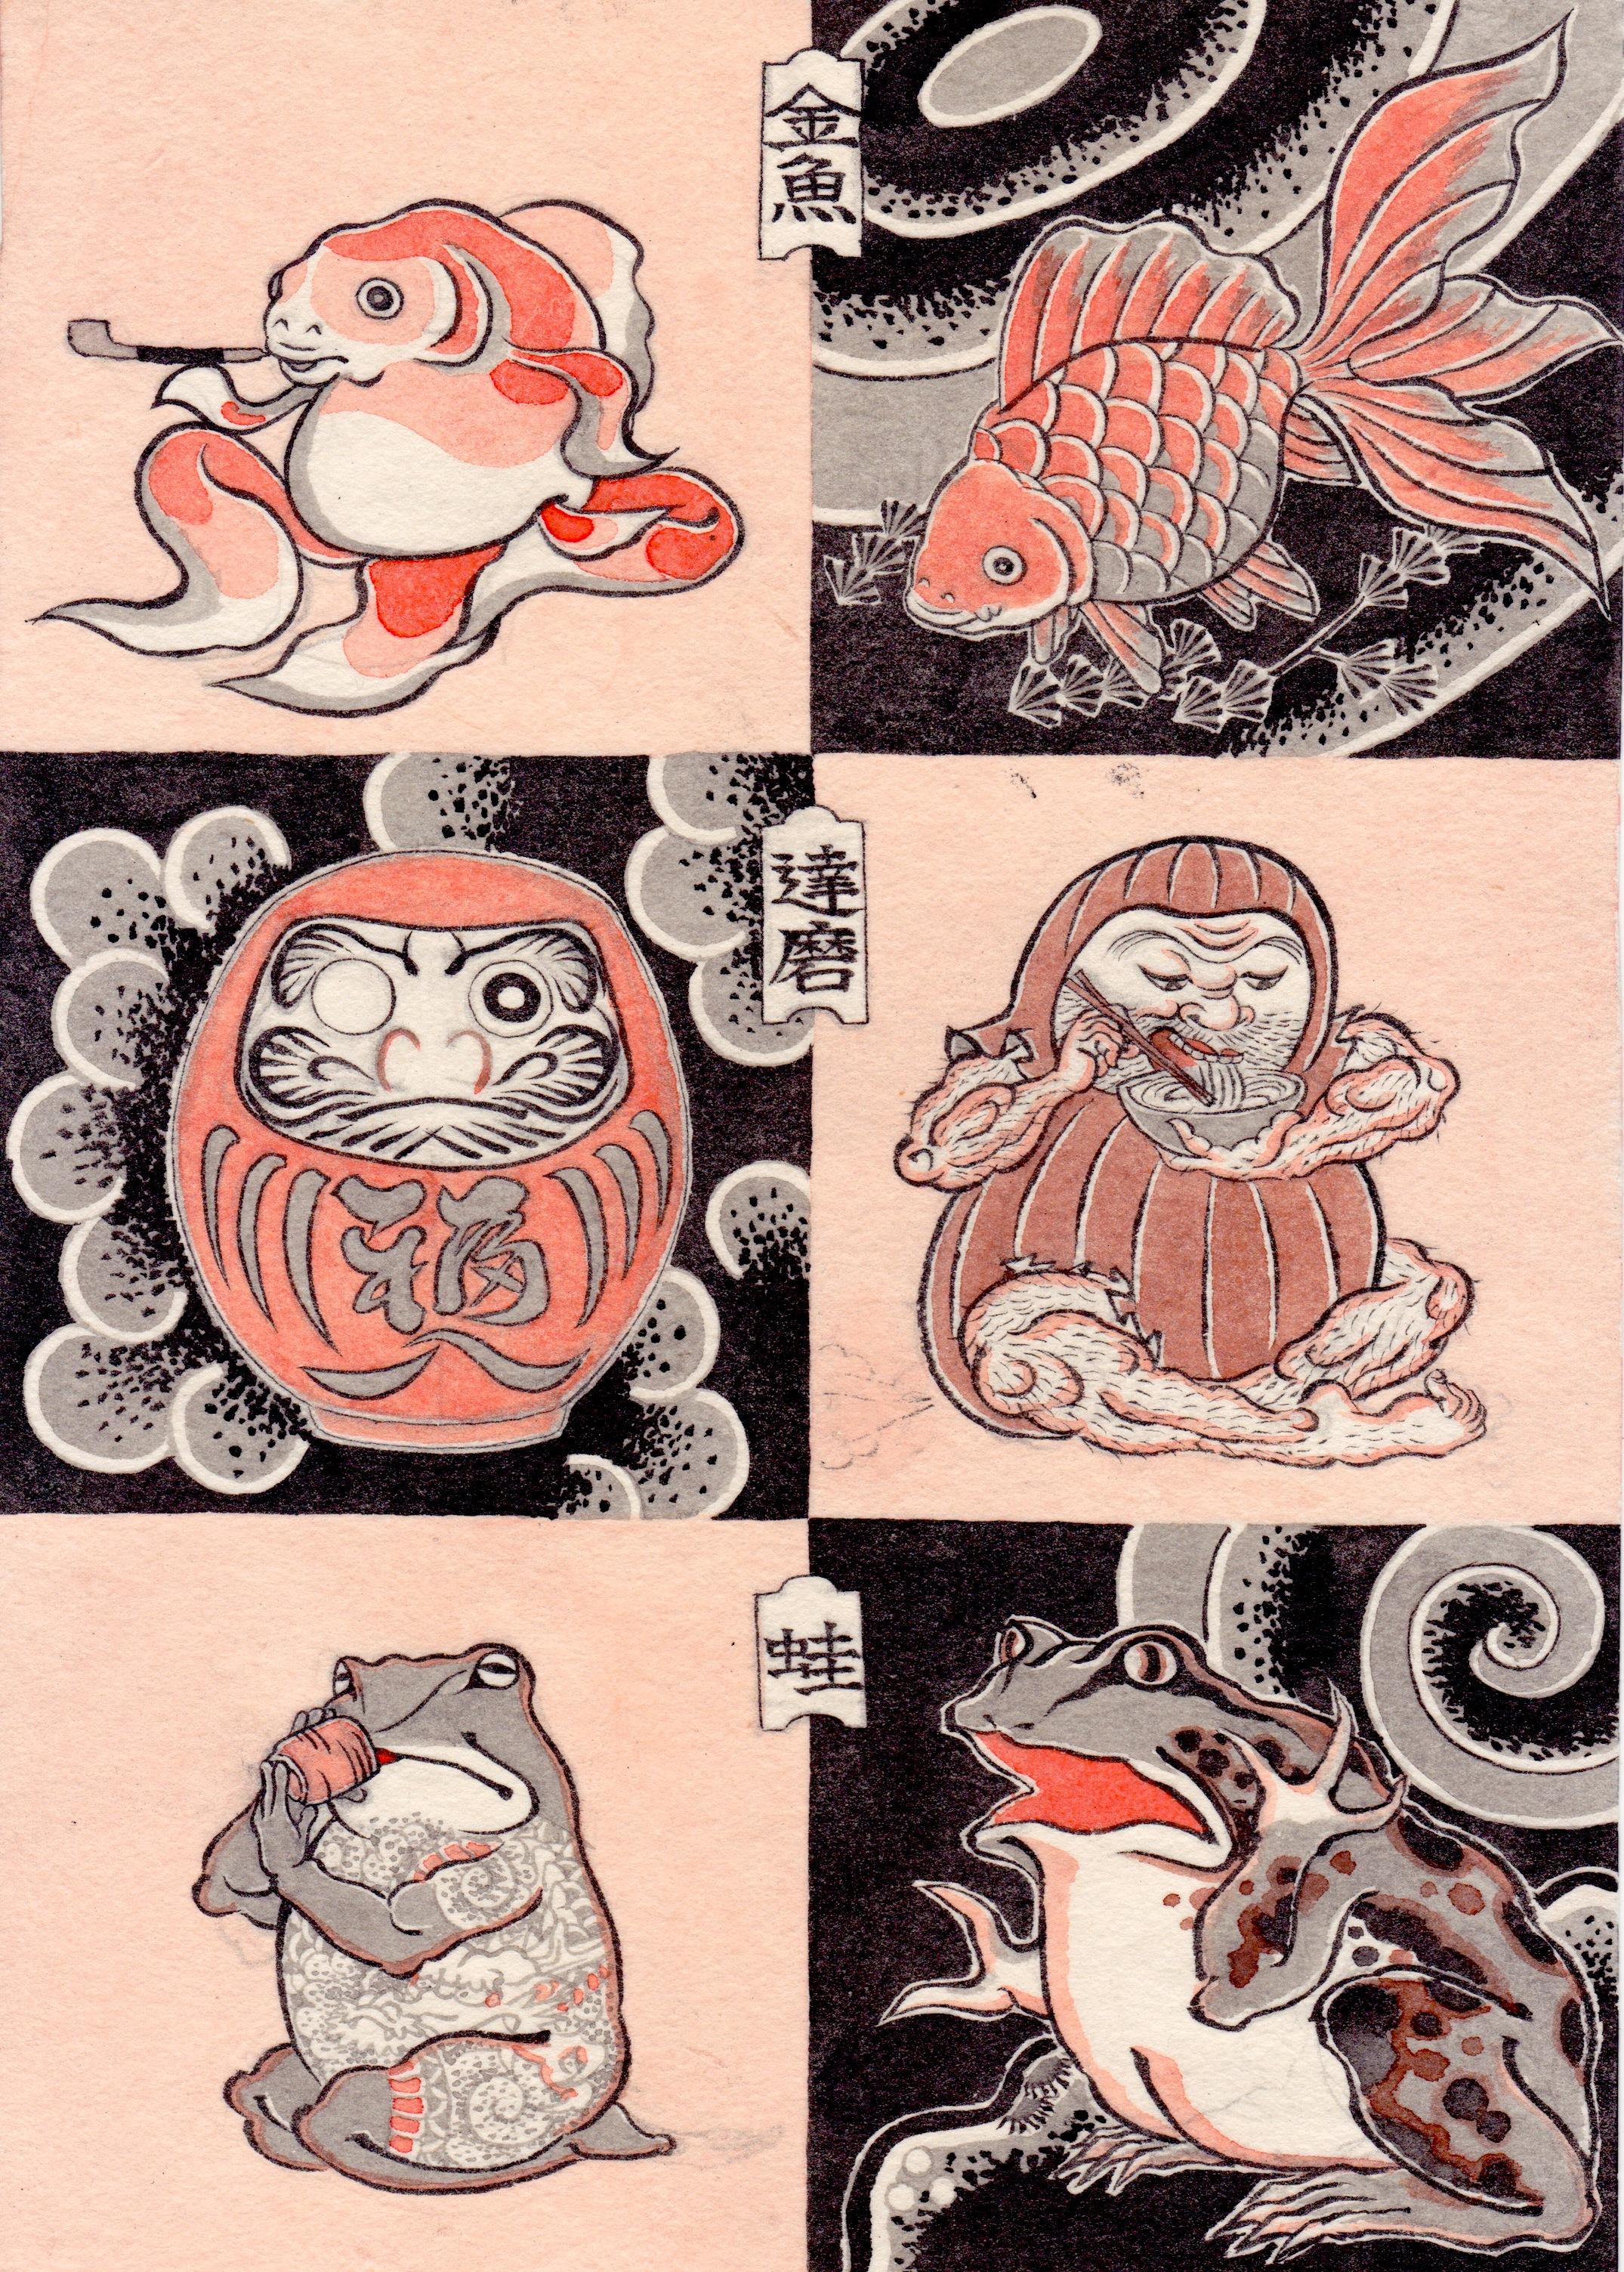 鳥獣戯画 Chouju Giga